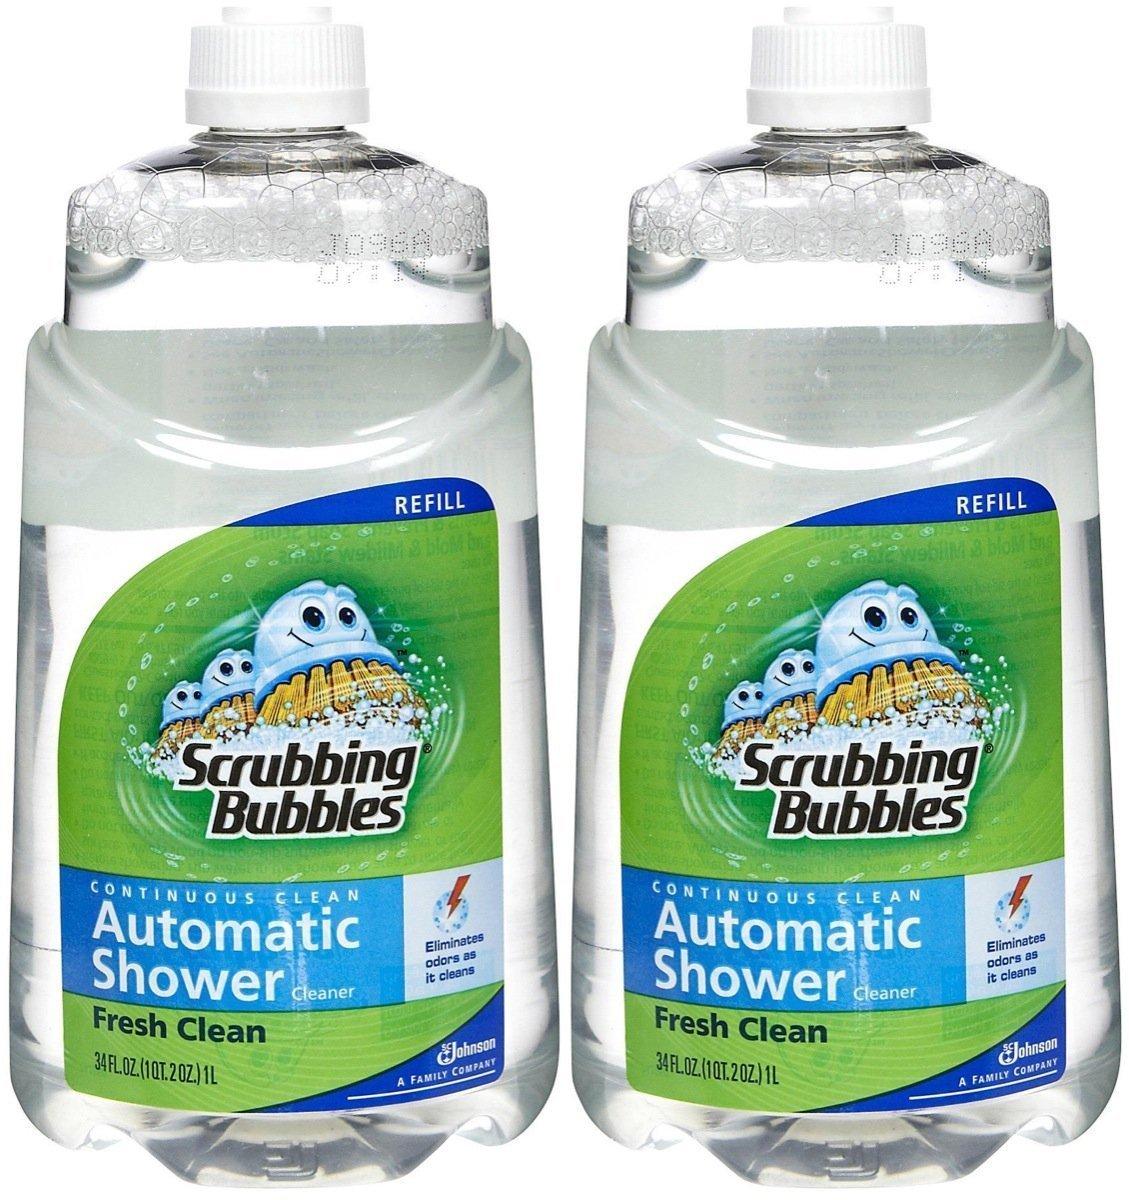 Scrubbing Bubbles Automatic Shower Cleaner Refill - Original - 34 oz - 2 pk by Scrubbing Bubbles